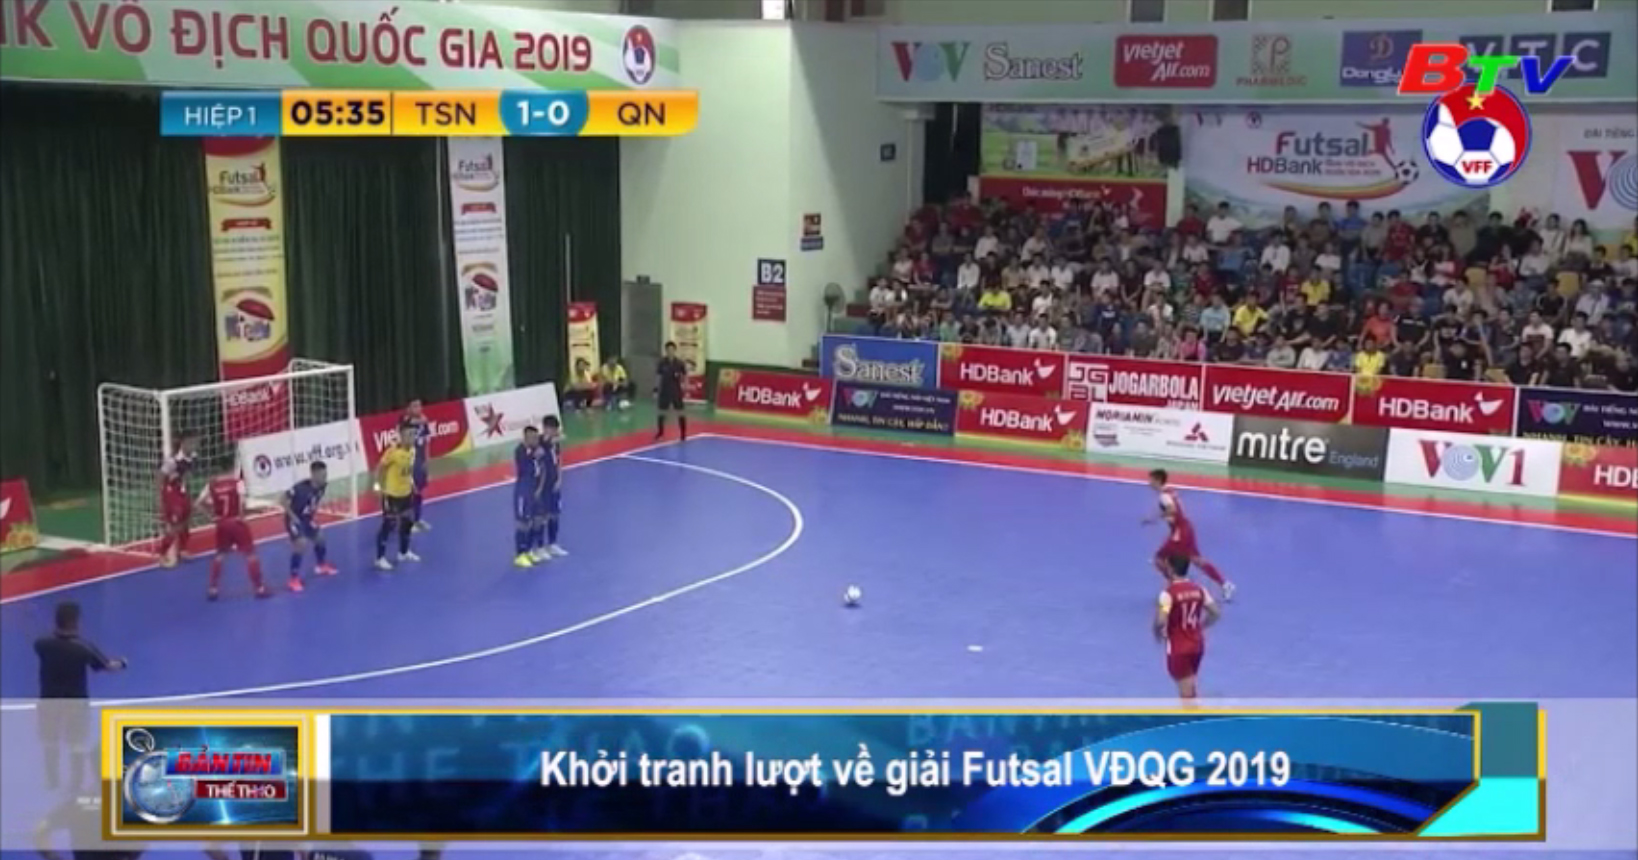 Khởi tranh lượt về Giải Futsal VĐQG 2019